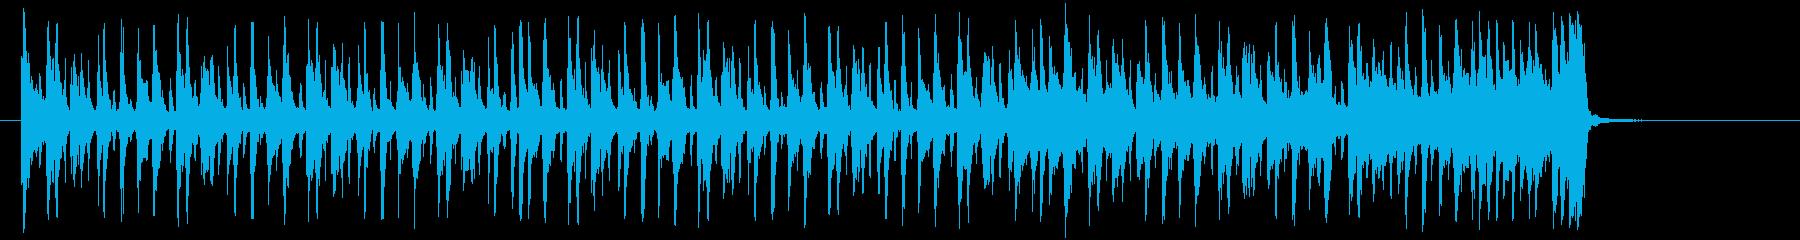 軽快でパーカッシブなジングルの再生済みの波形